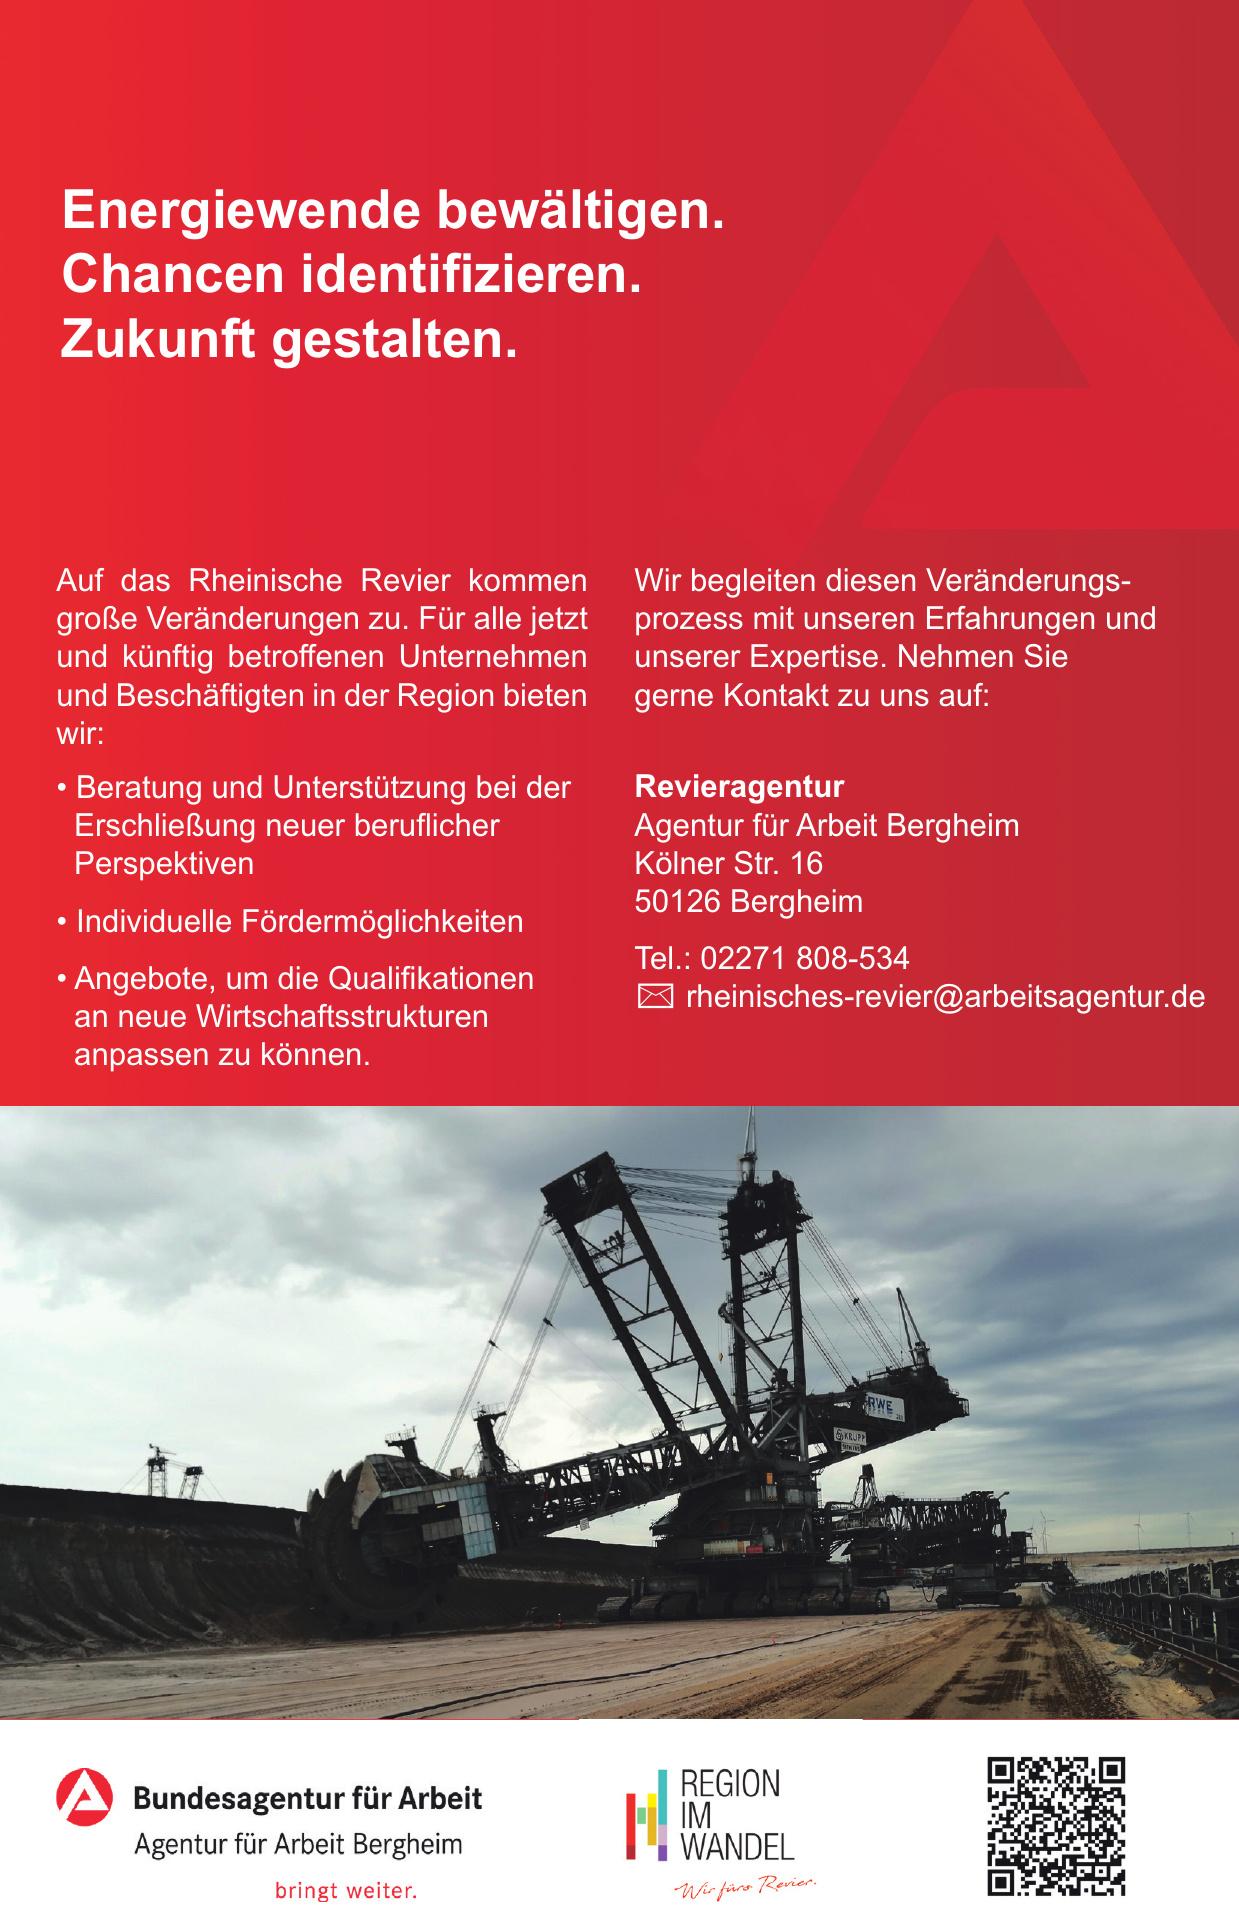 Agentur für Arbeit Bergheim